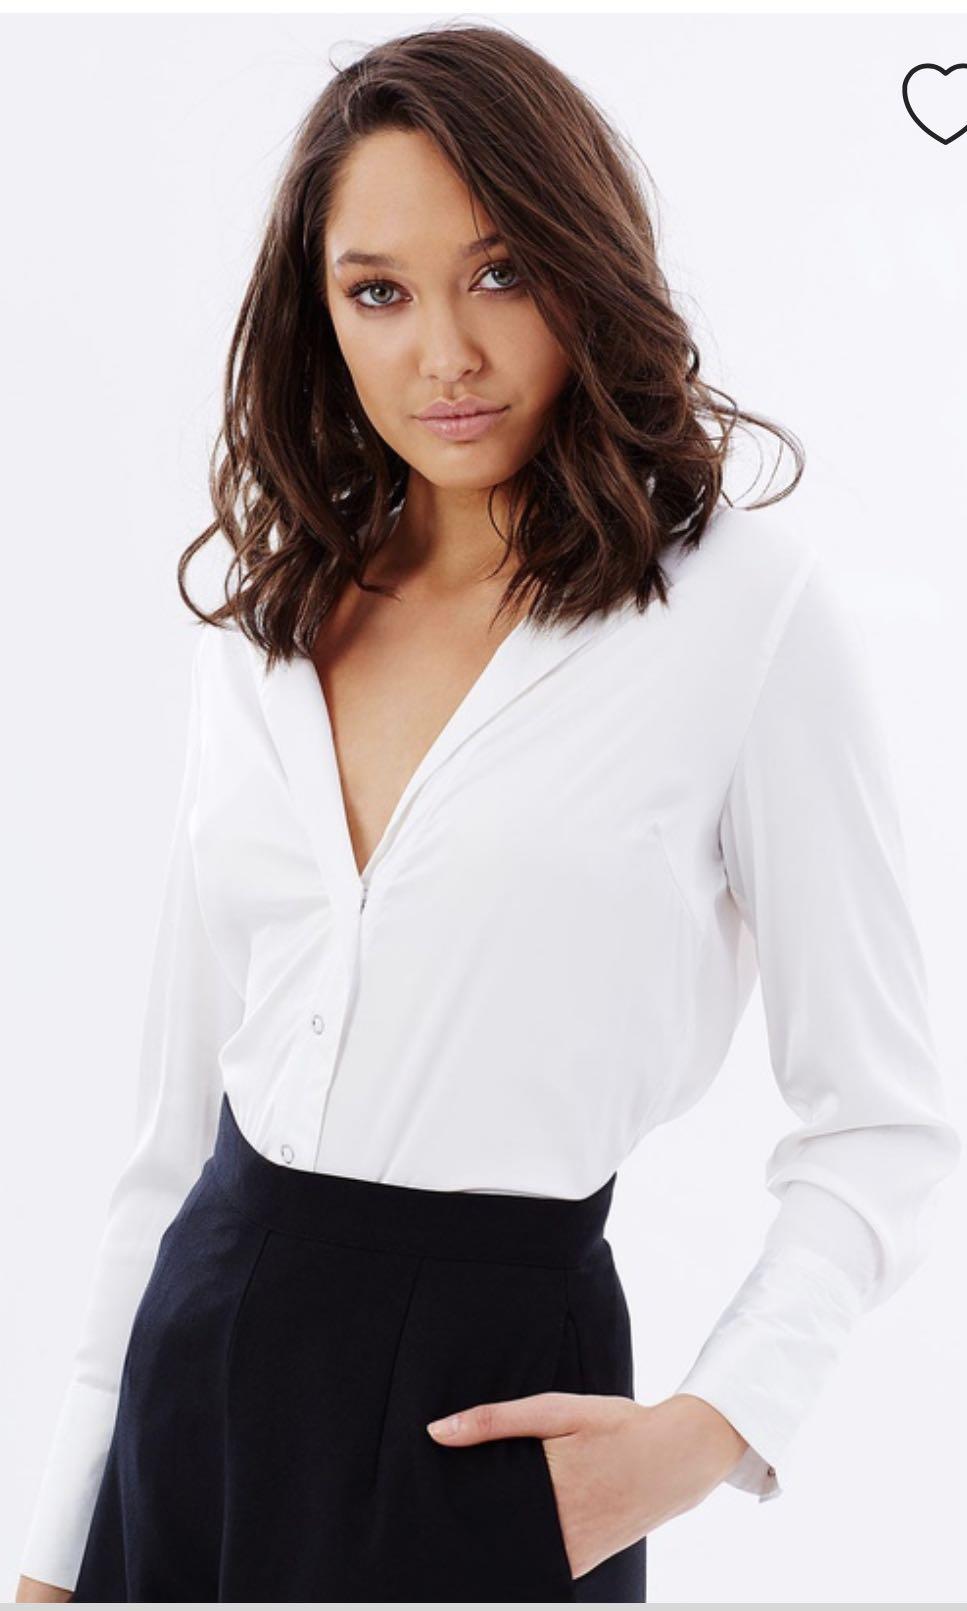 DELPHINE Size 6 Underflow Shirt in White